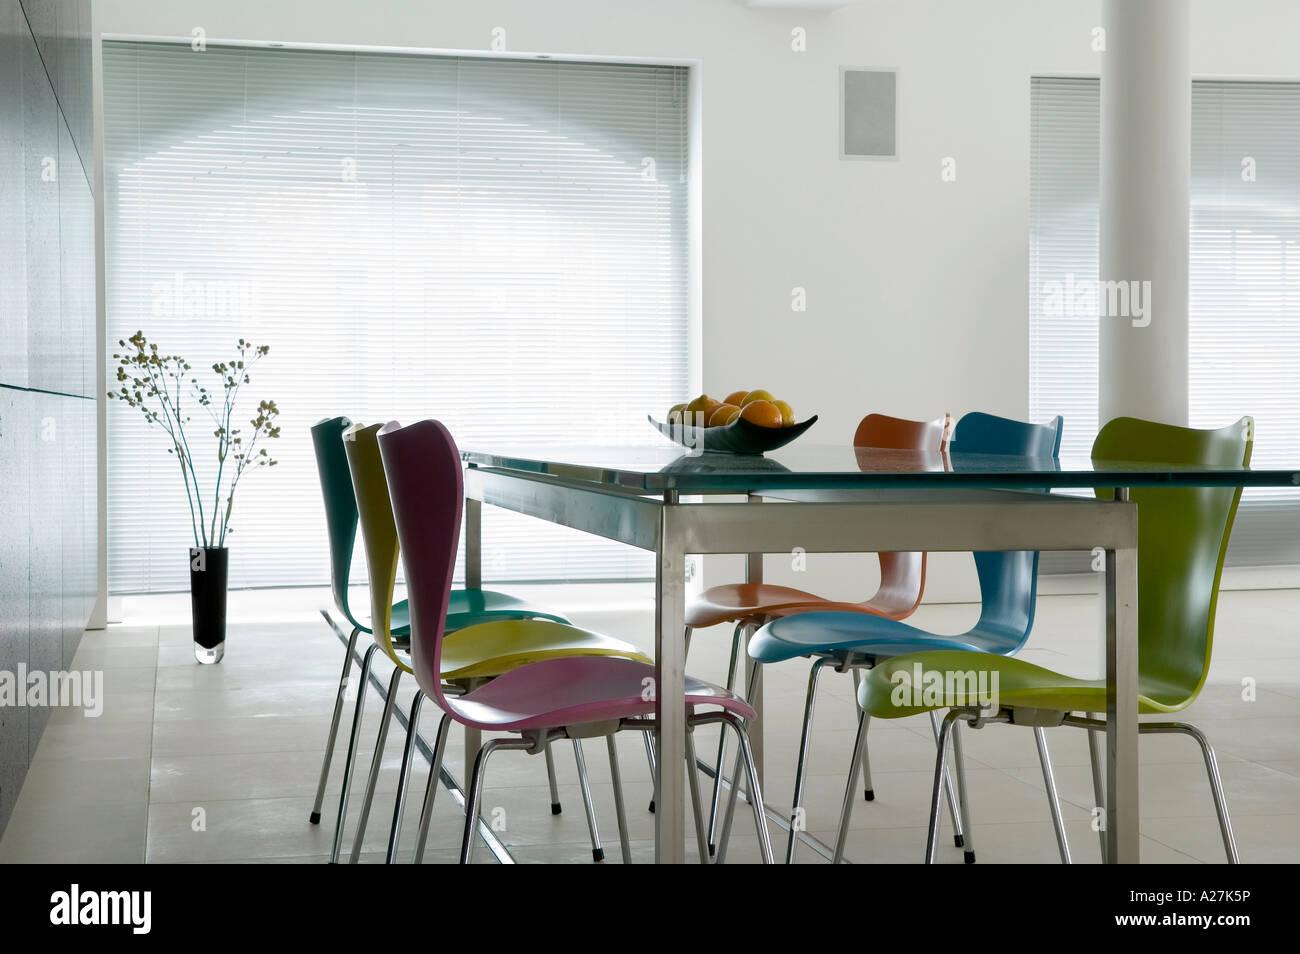 Tavolo Con Ripiano In Vetro.Ripiano In Vetro Tavolo Con Farfalla Colorata Sedie In Stile